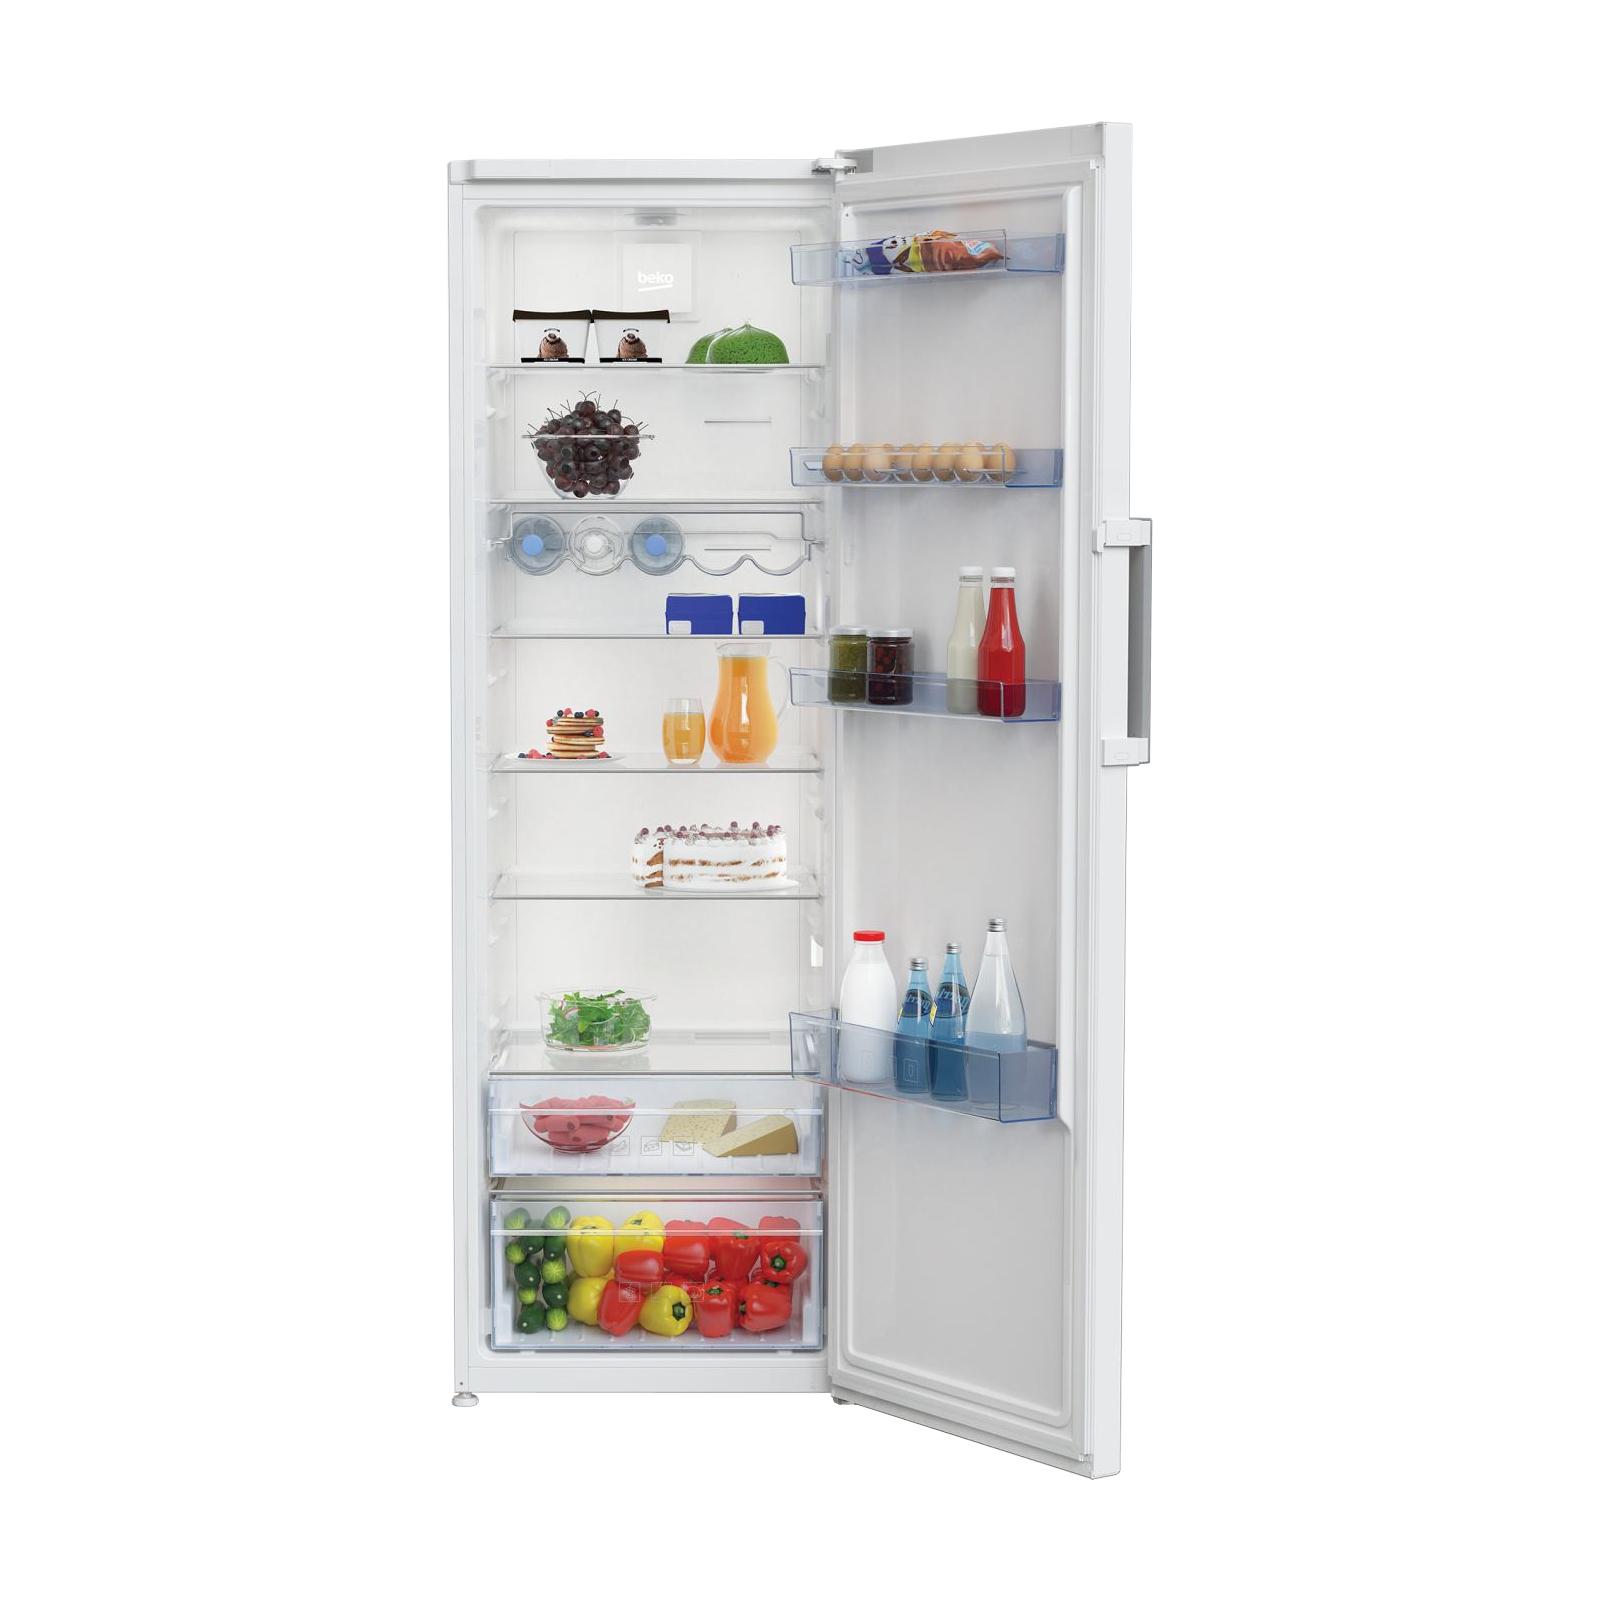 Холодильник BEKO RSNE445E22 изображение 2